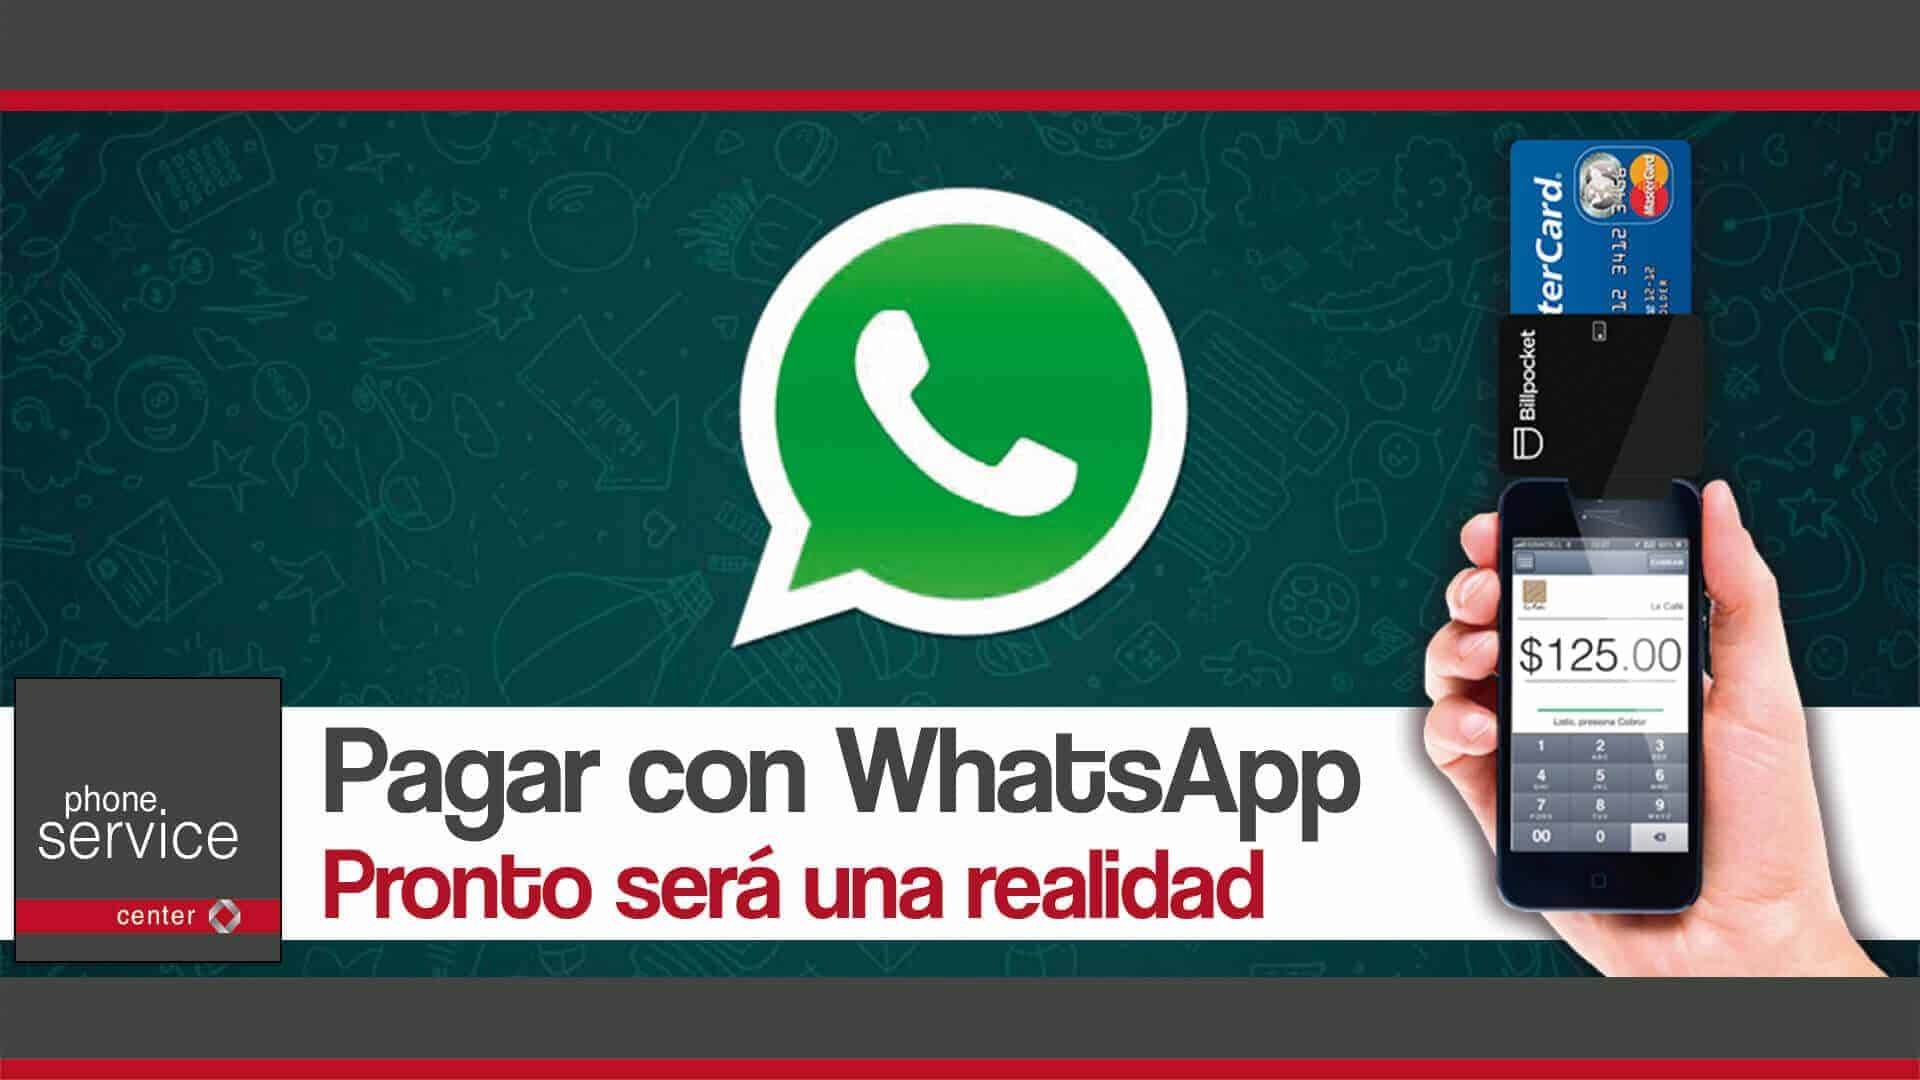 Pagar con WhatsApp pronto sera una realidad